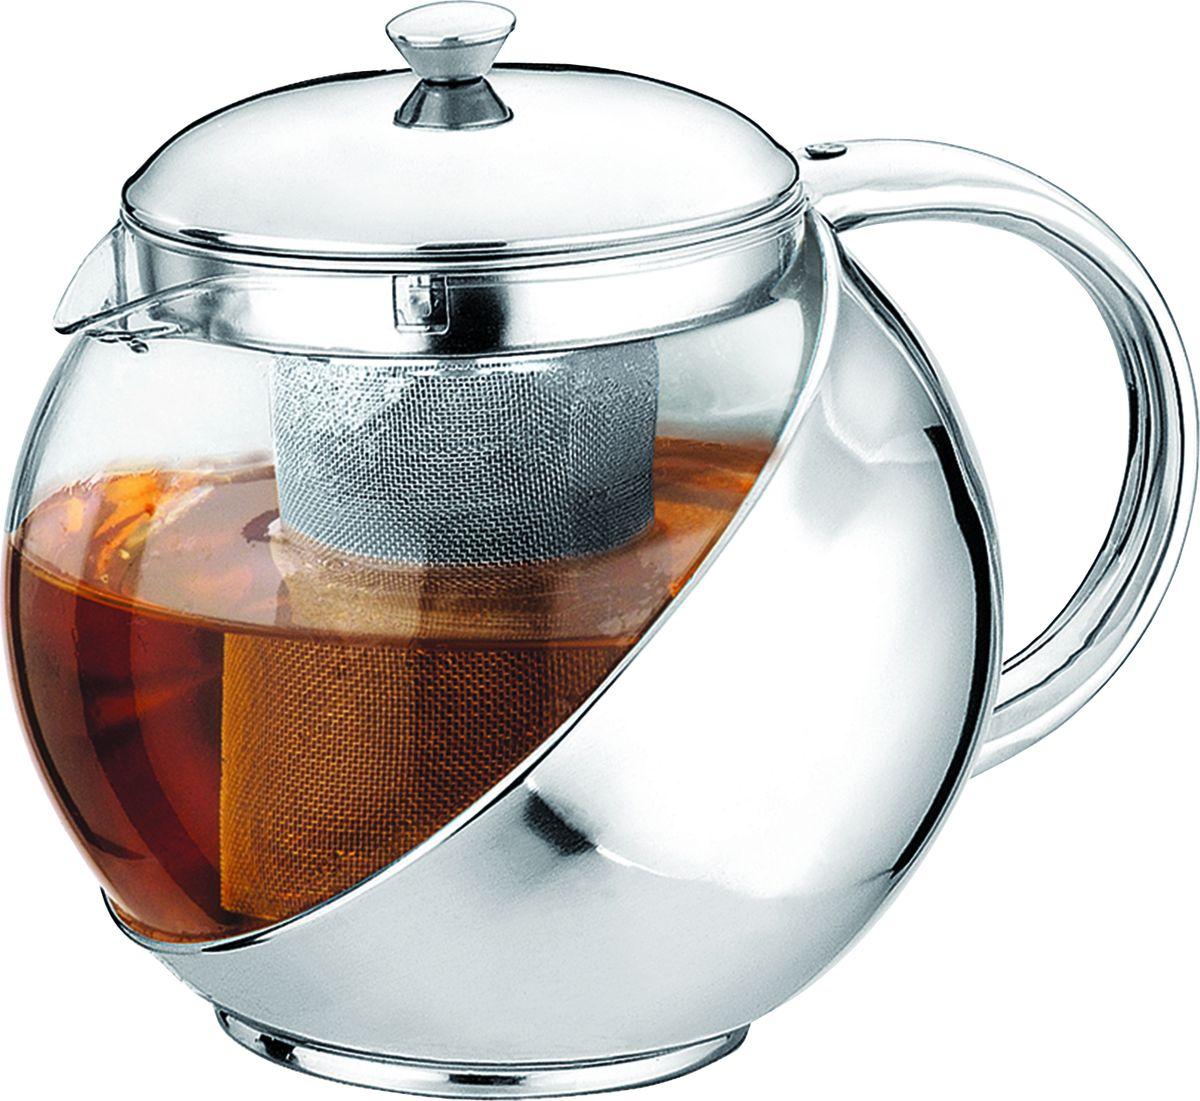 Чайник заварочный Irit, цвет: серебристый, 0,9 лKTZ-090-022Чайник заварочный 0.9 л. Чайник изготовлен из жаропрочного стекла. Фильтр из высококачественной нержавеющей стали. Оправа из стали защищает колбу от ударов и повреждений.